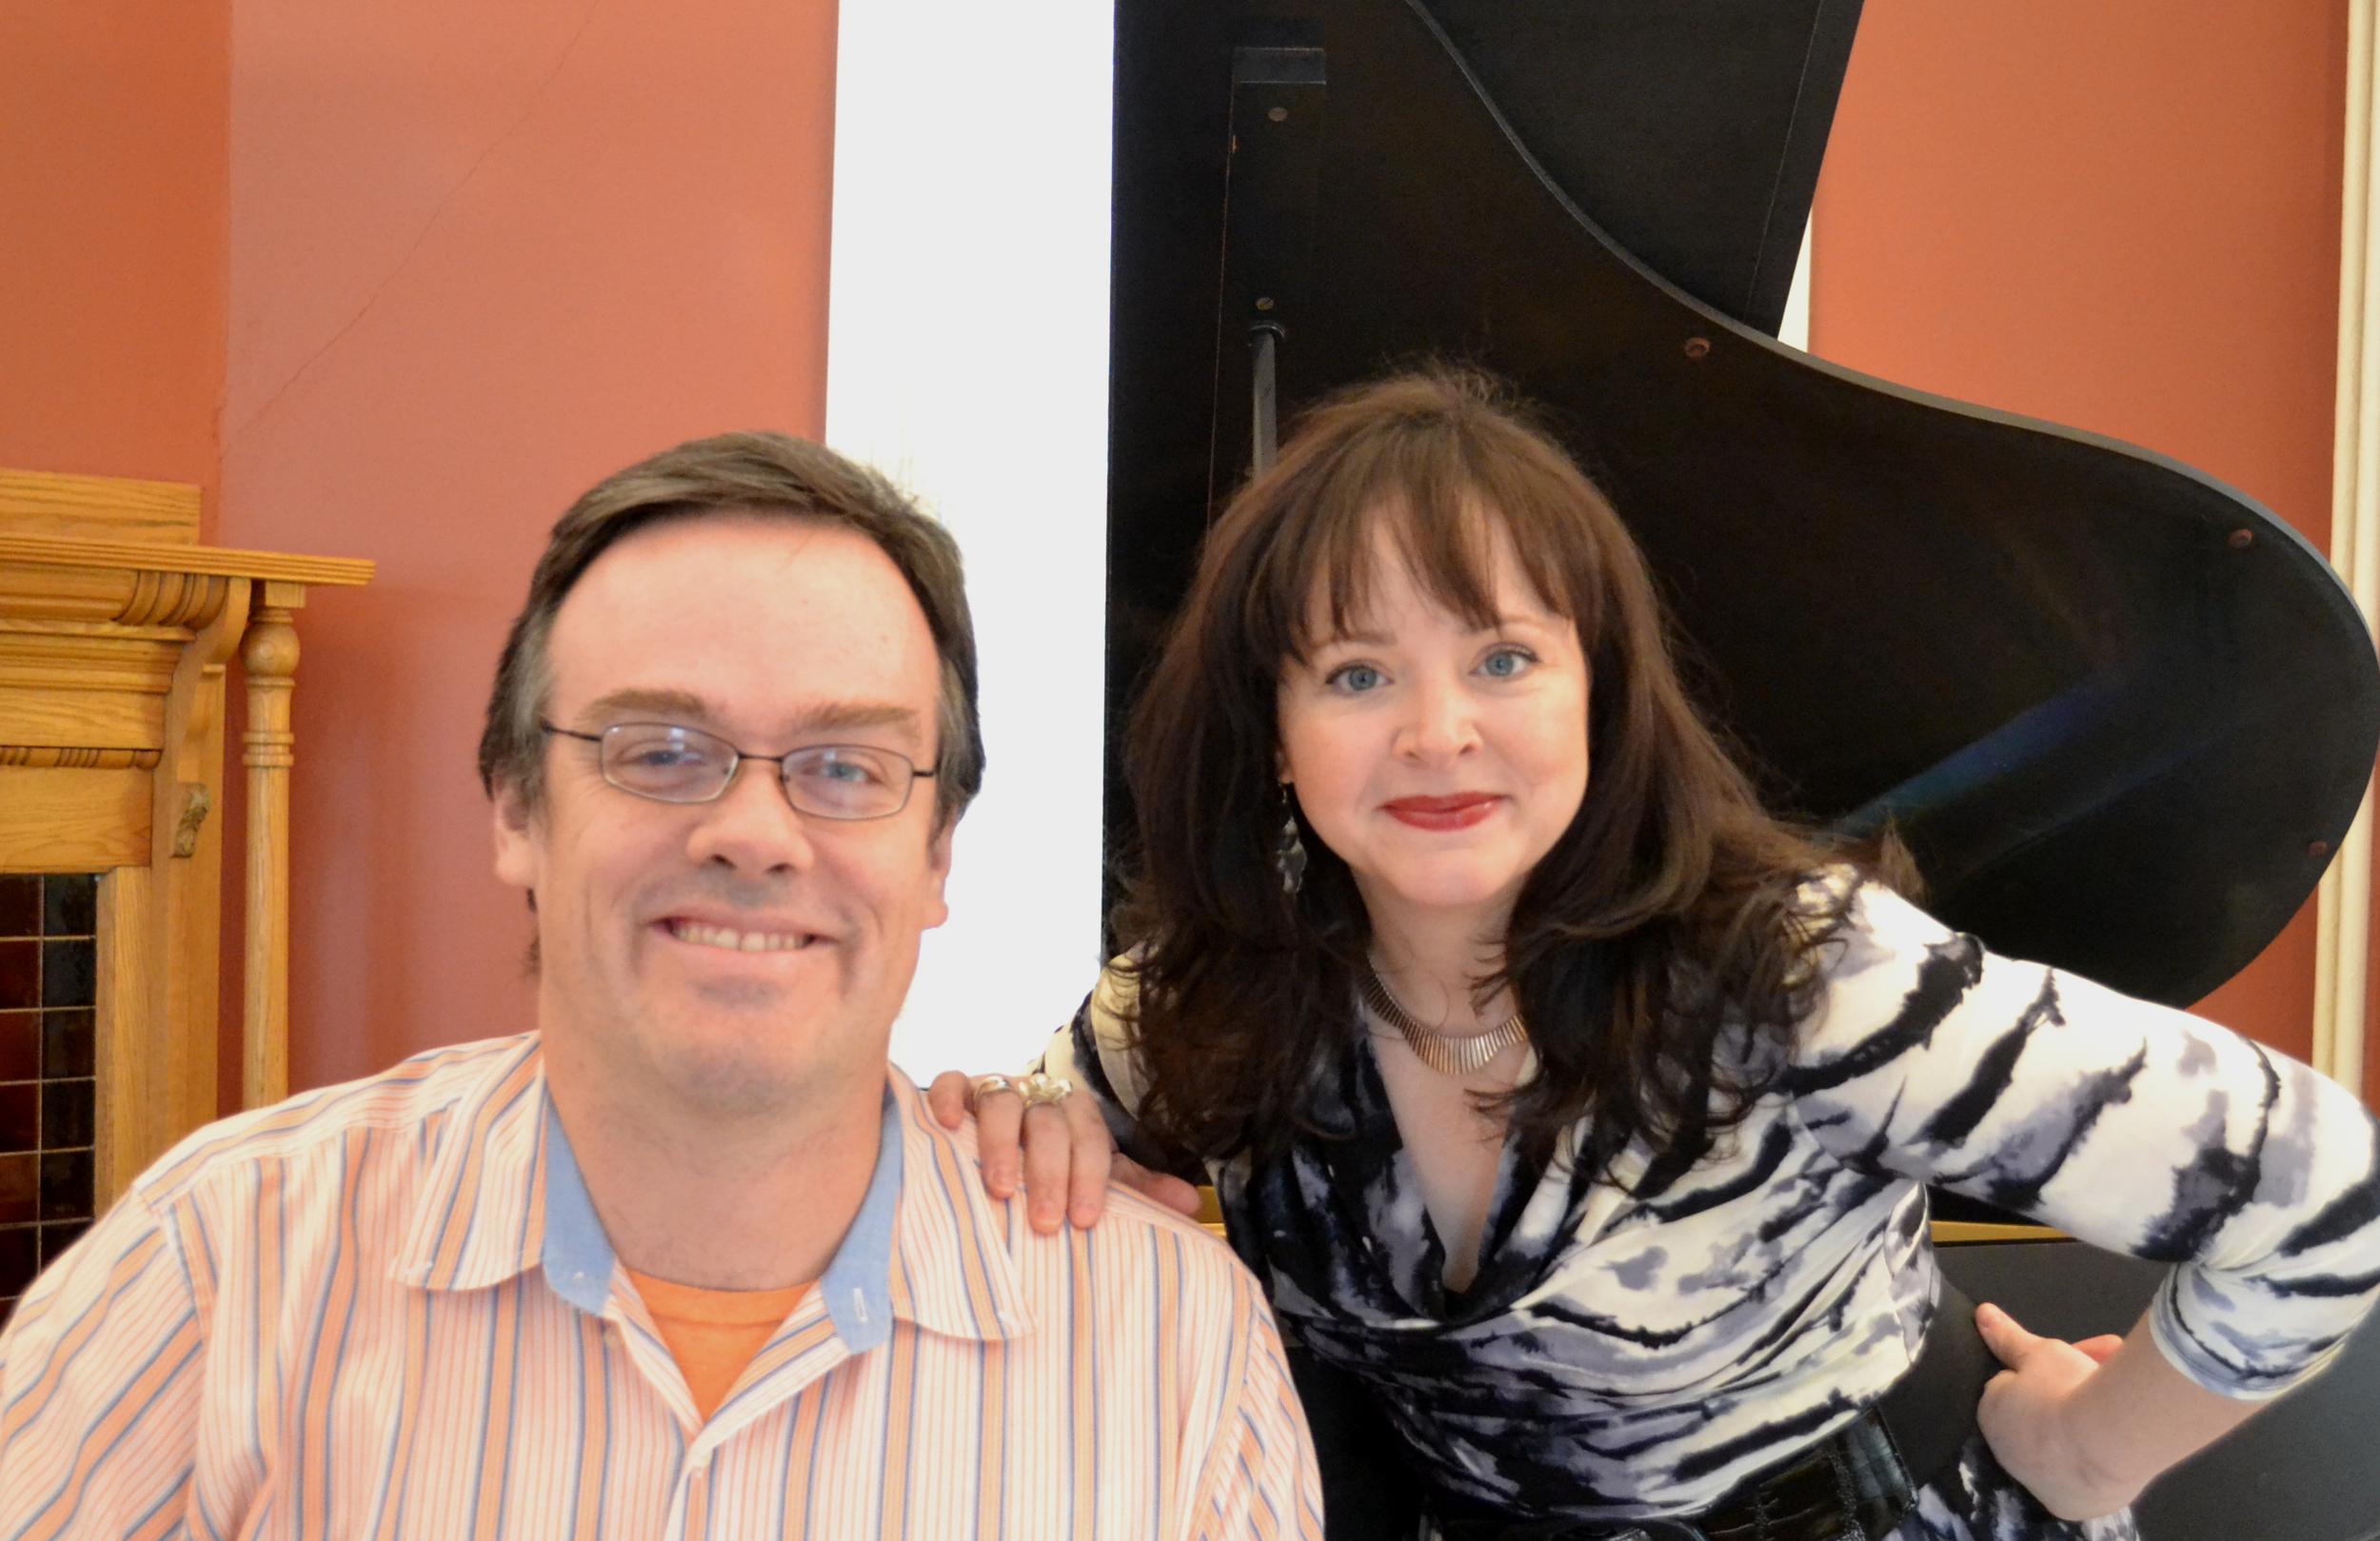 Andrew Funk and Alicia Berneche